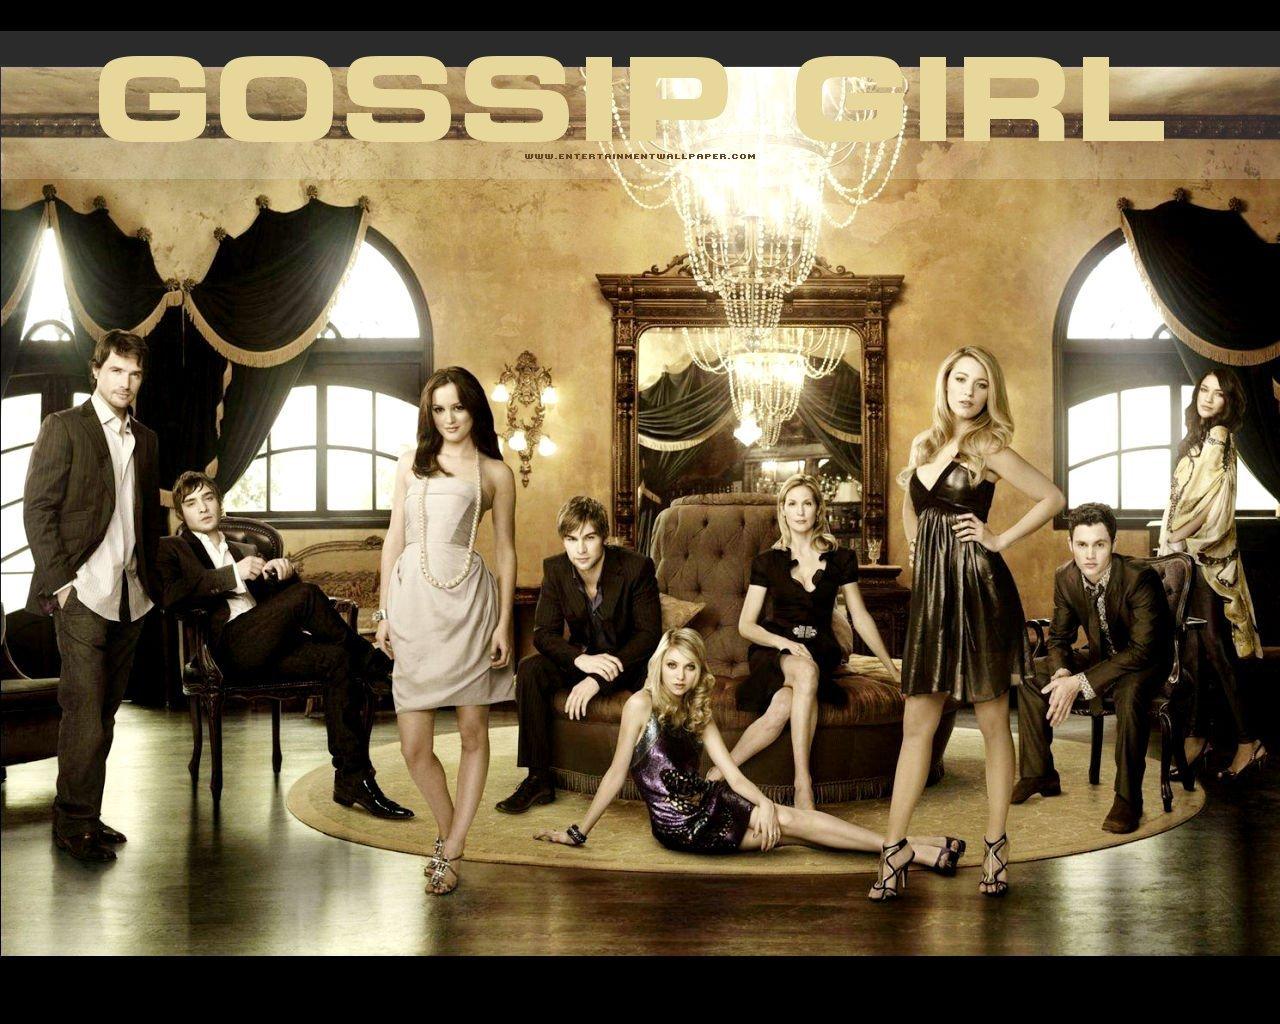 http://4.bp.blogspot.com/_T822rPXJtGU/TMkalsUP1jI/AAAAAAAAAnM/rKskHmdO23M/s1600/gossip-girl-gossip-girl-7363730-1280-1024.jpg